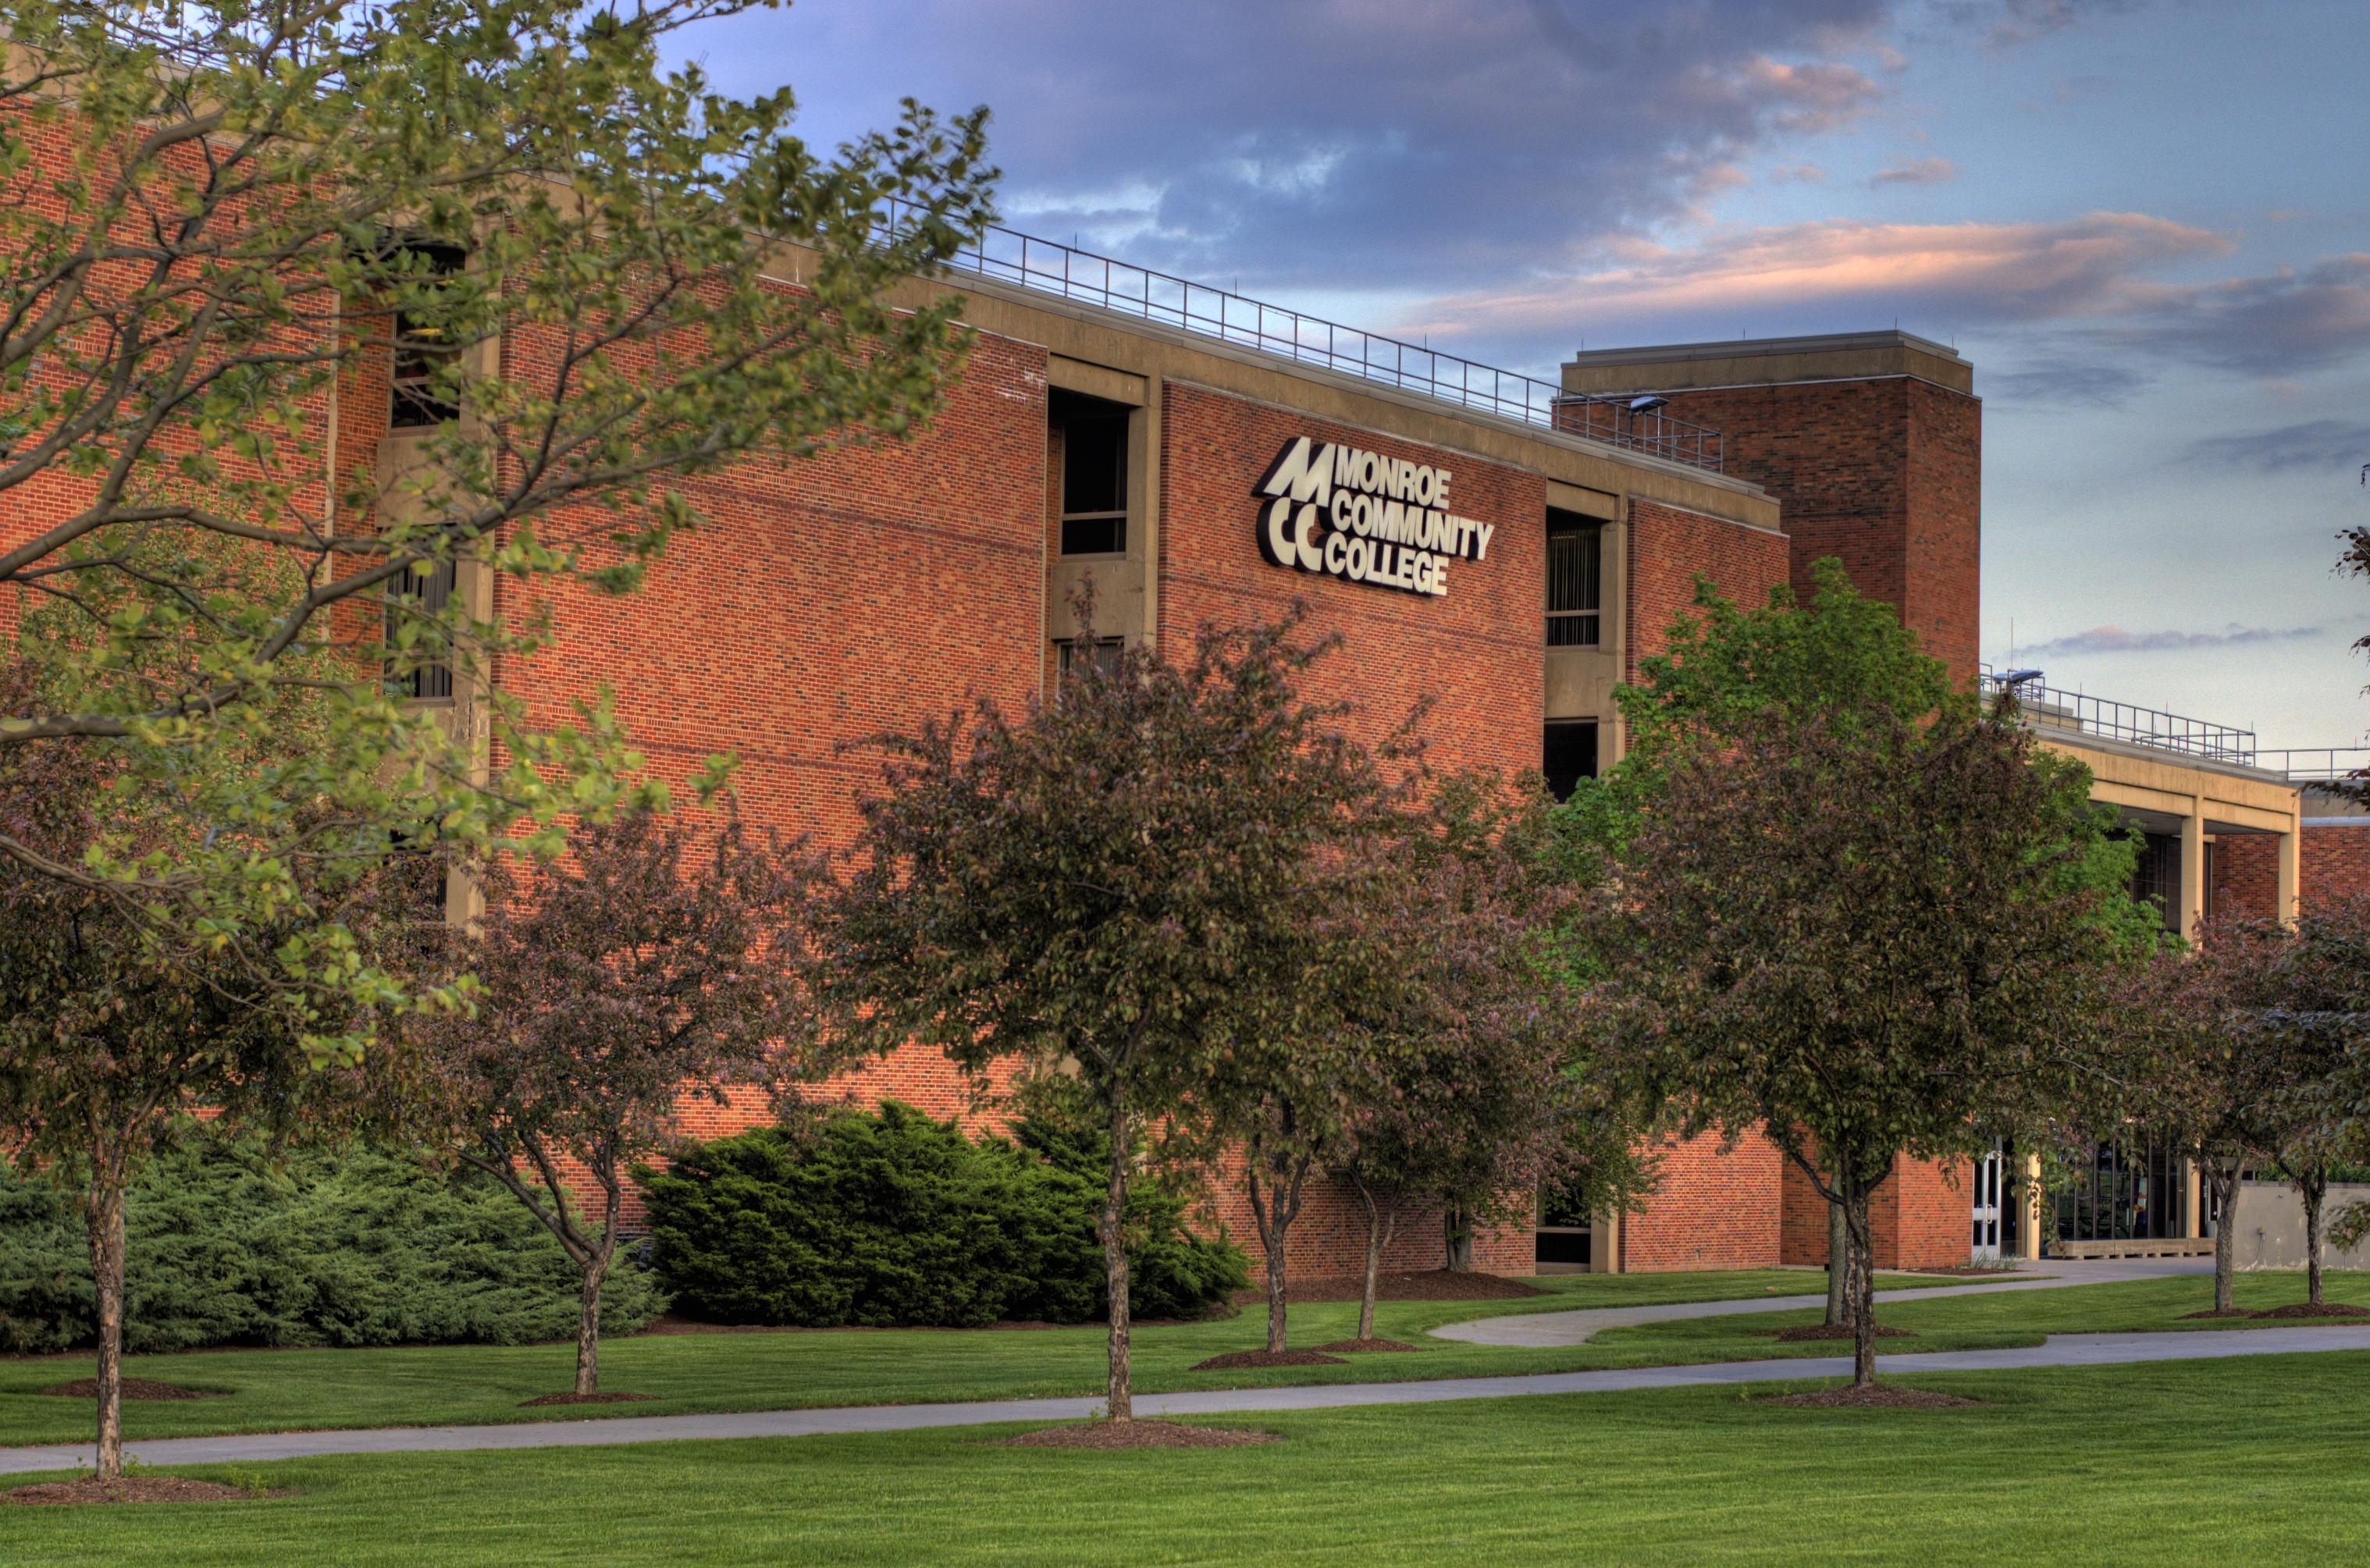 mcc campus - photo #1